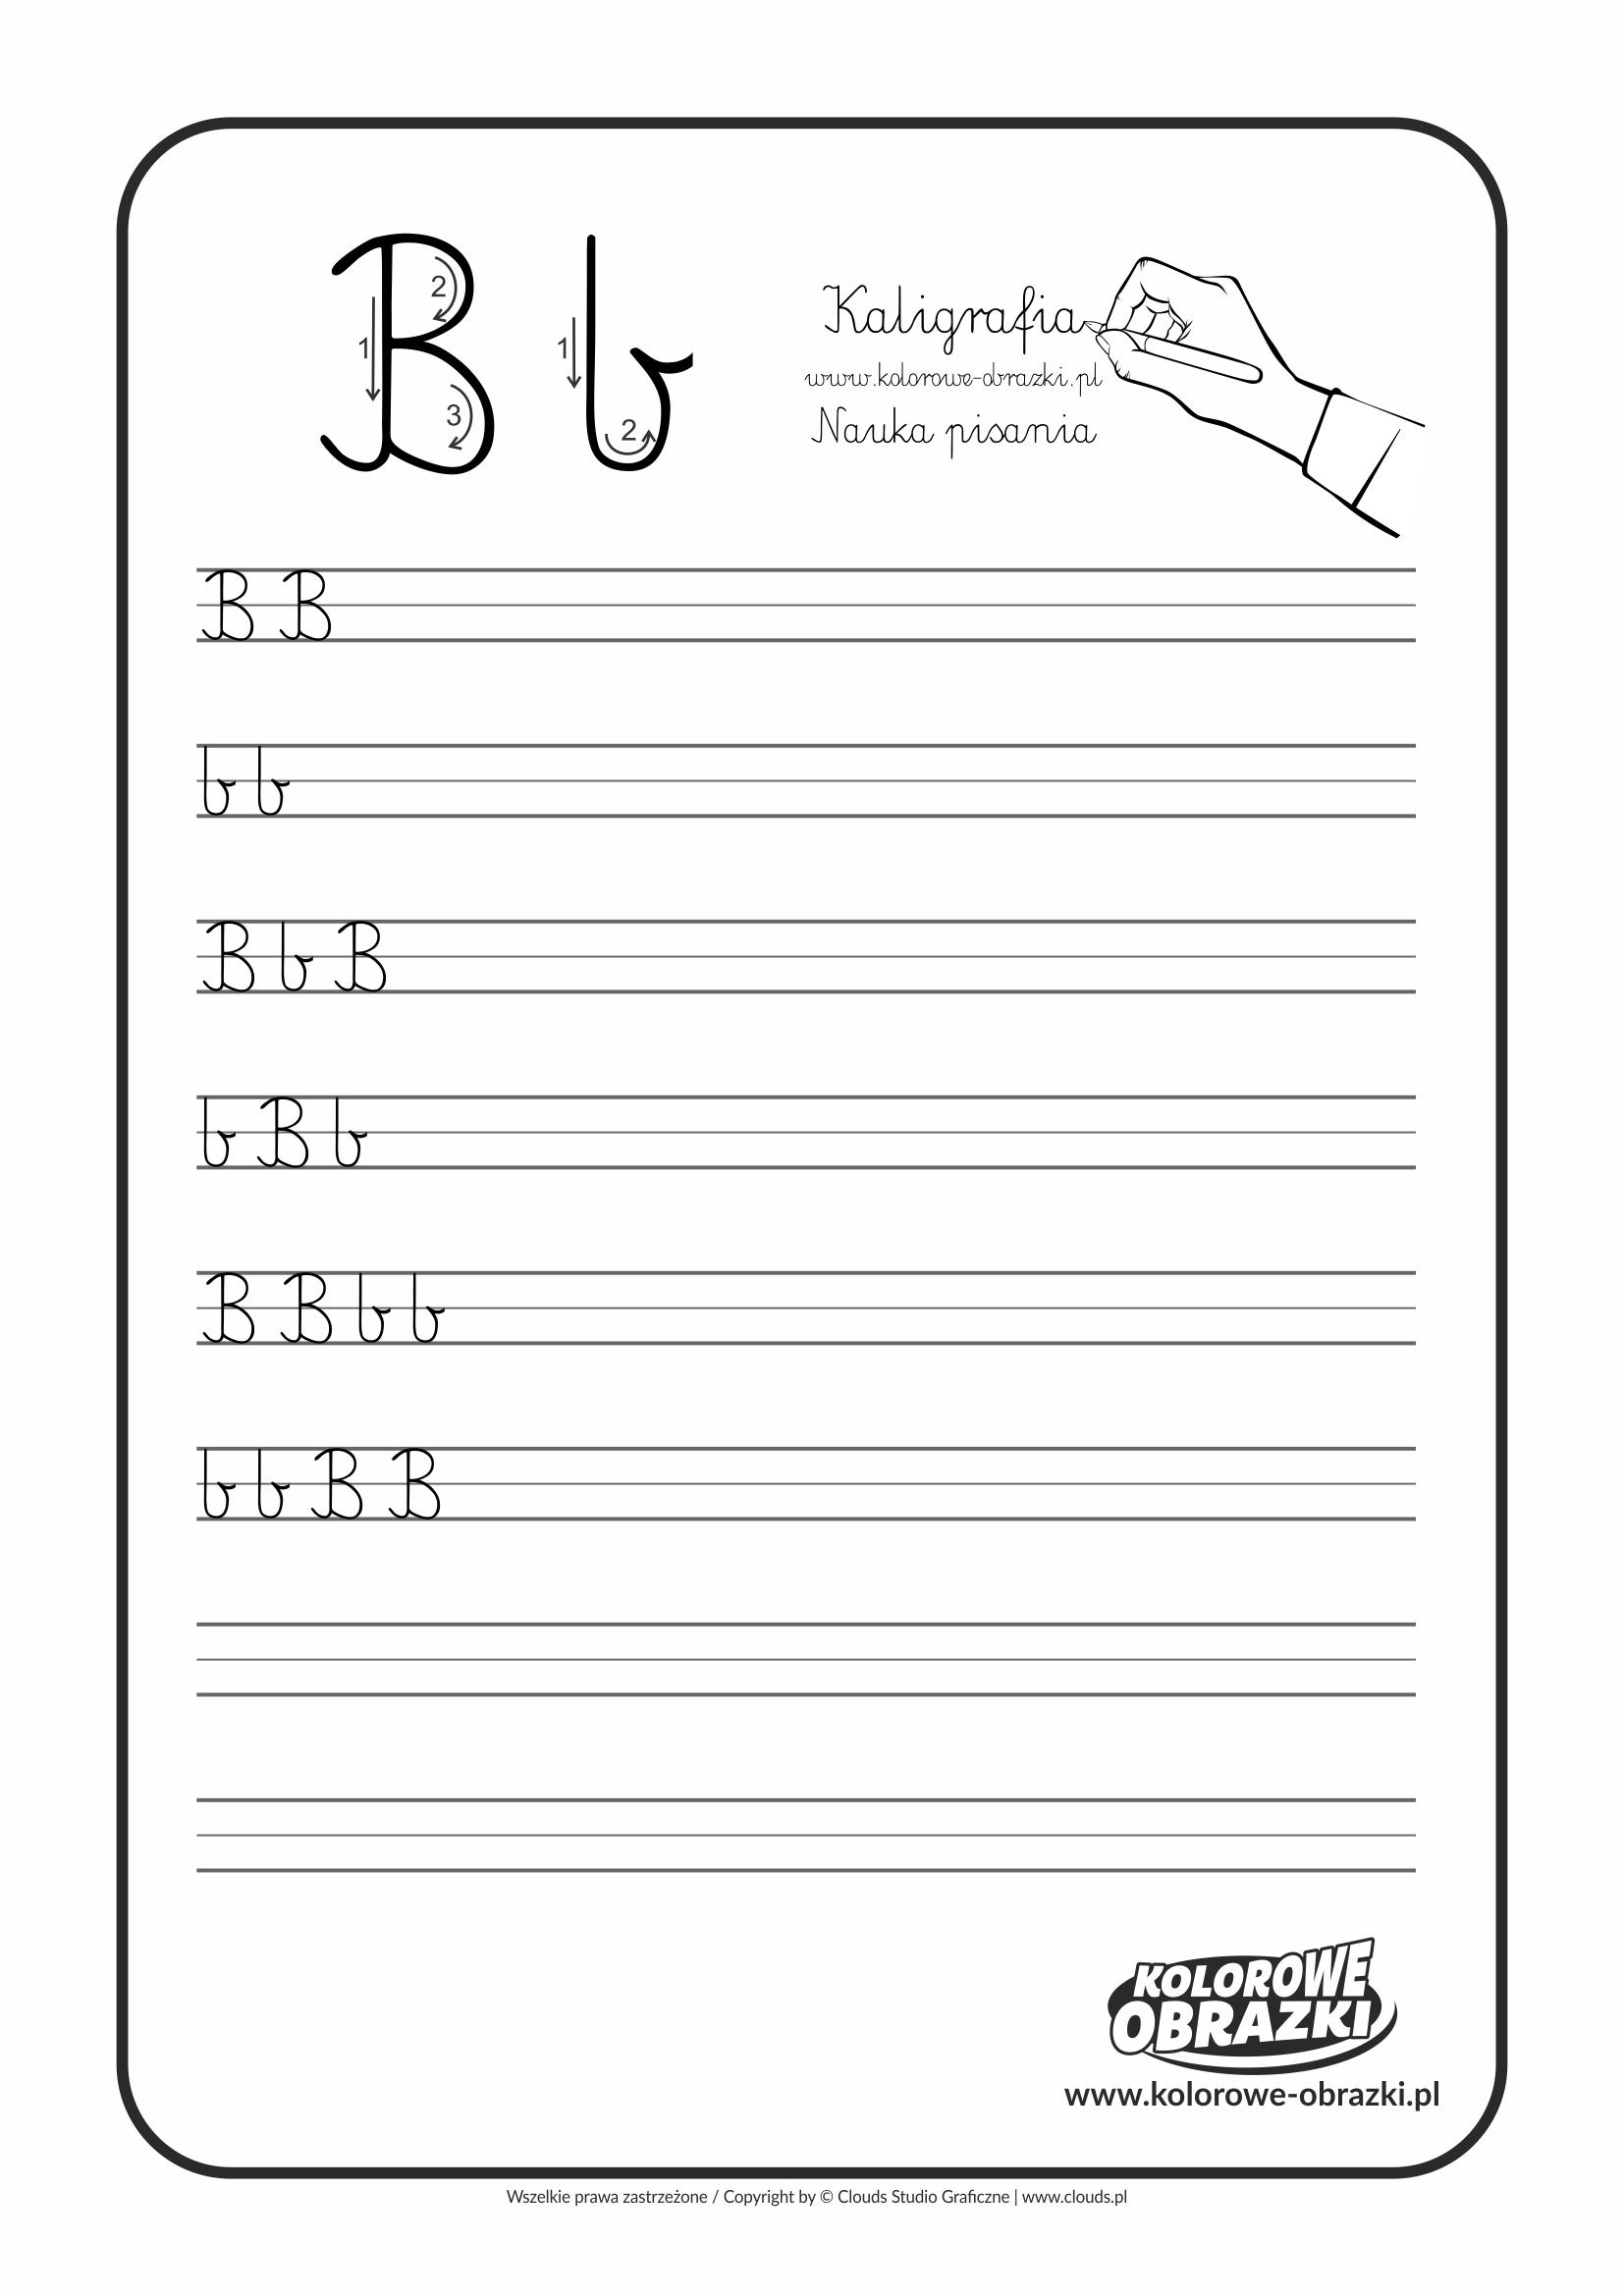 Kaligrafia Litery Nauka Pisania Dla Dzieci Kolorowanki Dla Dzieci